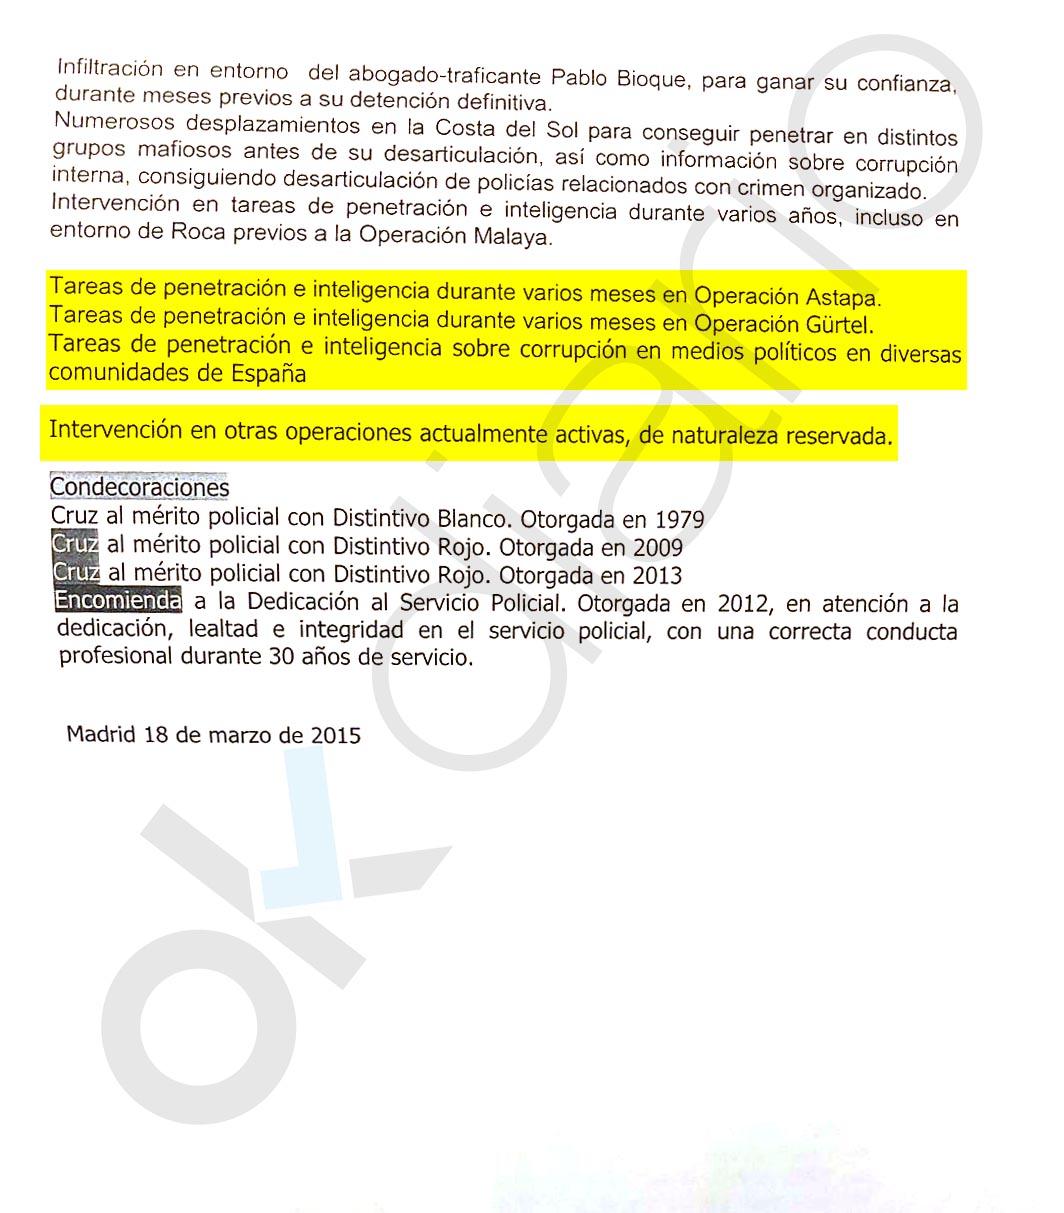 """Villarejo también hizo """"tareas de penetración"""" en casos de corrupción """"en diversas comunidades"""""""